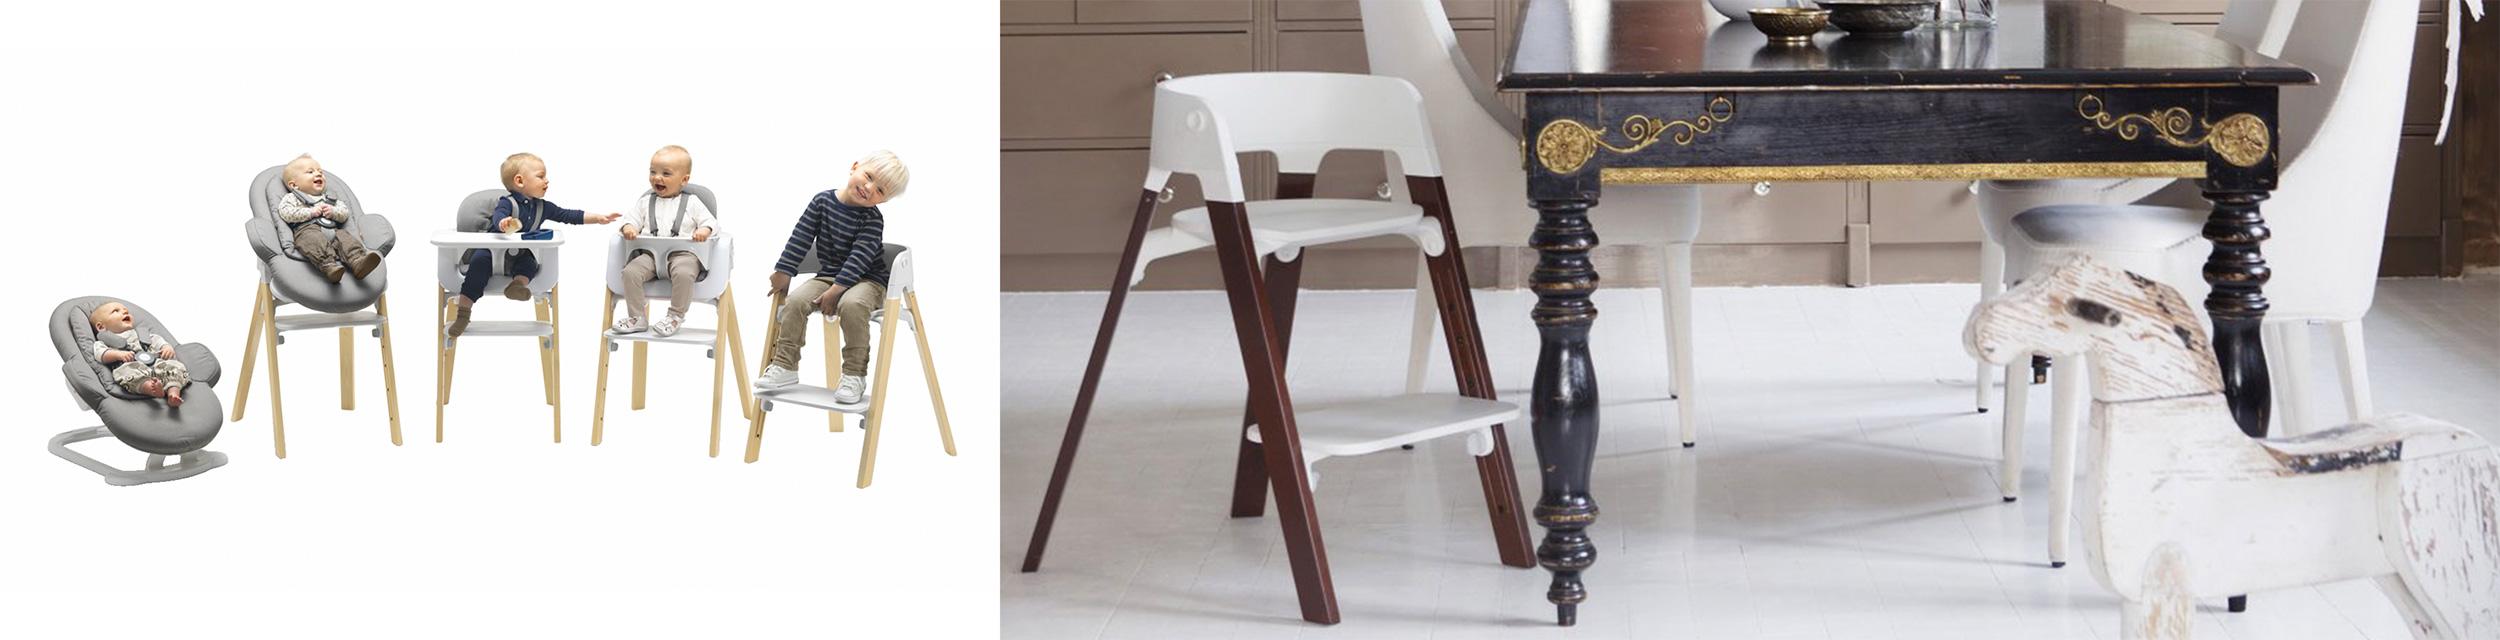 Stokke Steps Krzesełko do karmienia z litego drewna bukowego 3kiwi Wroclaw